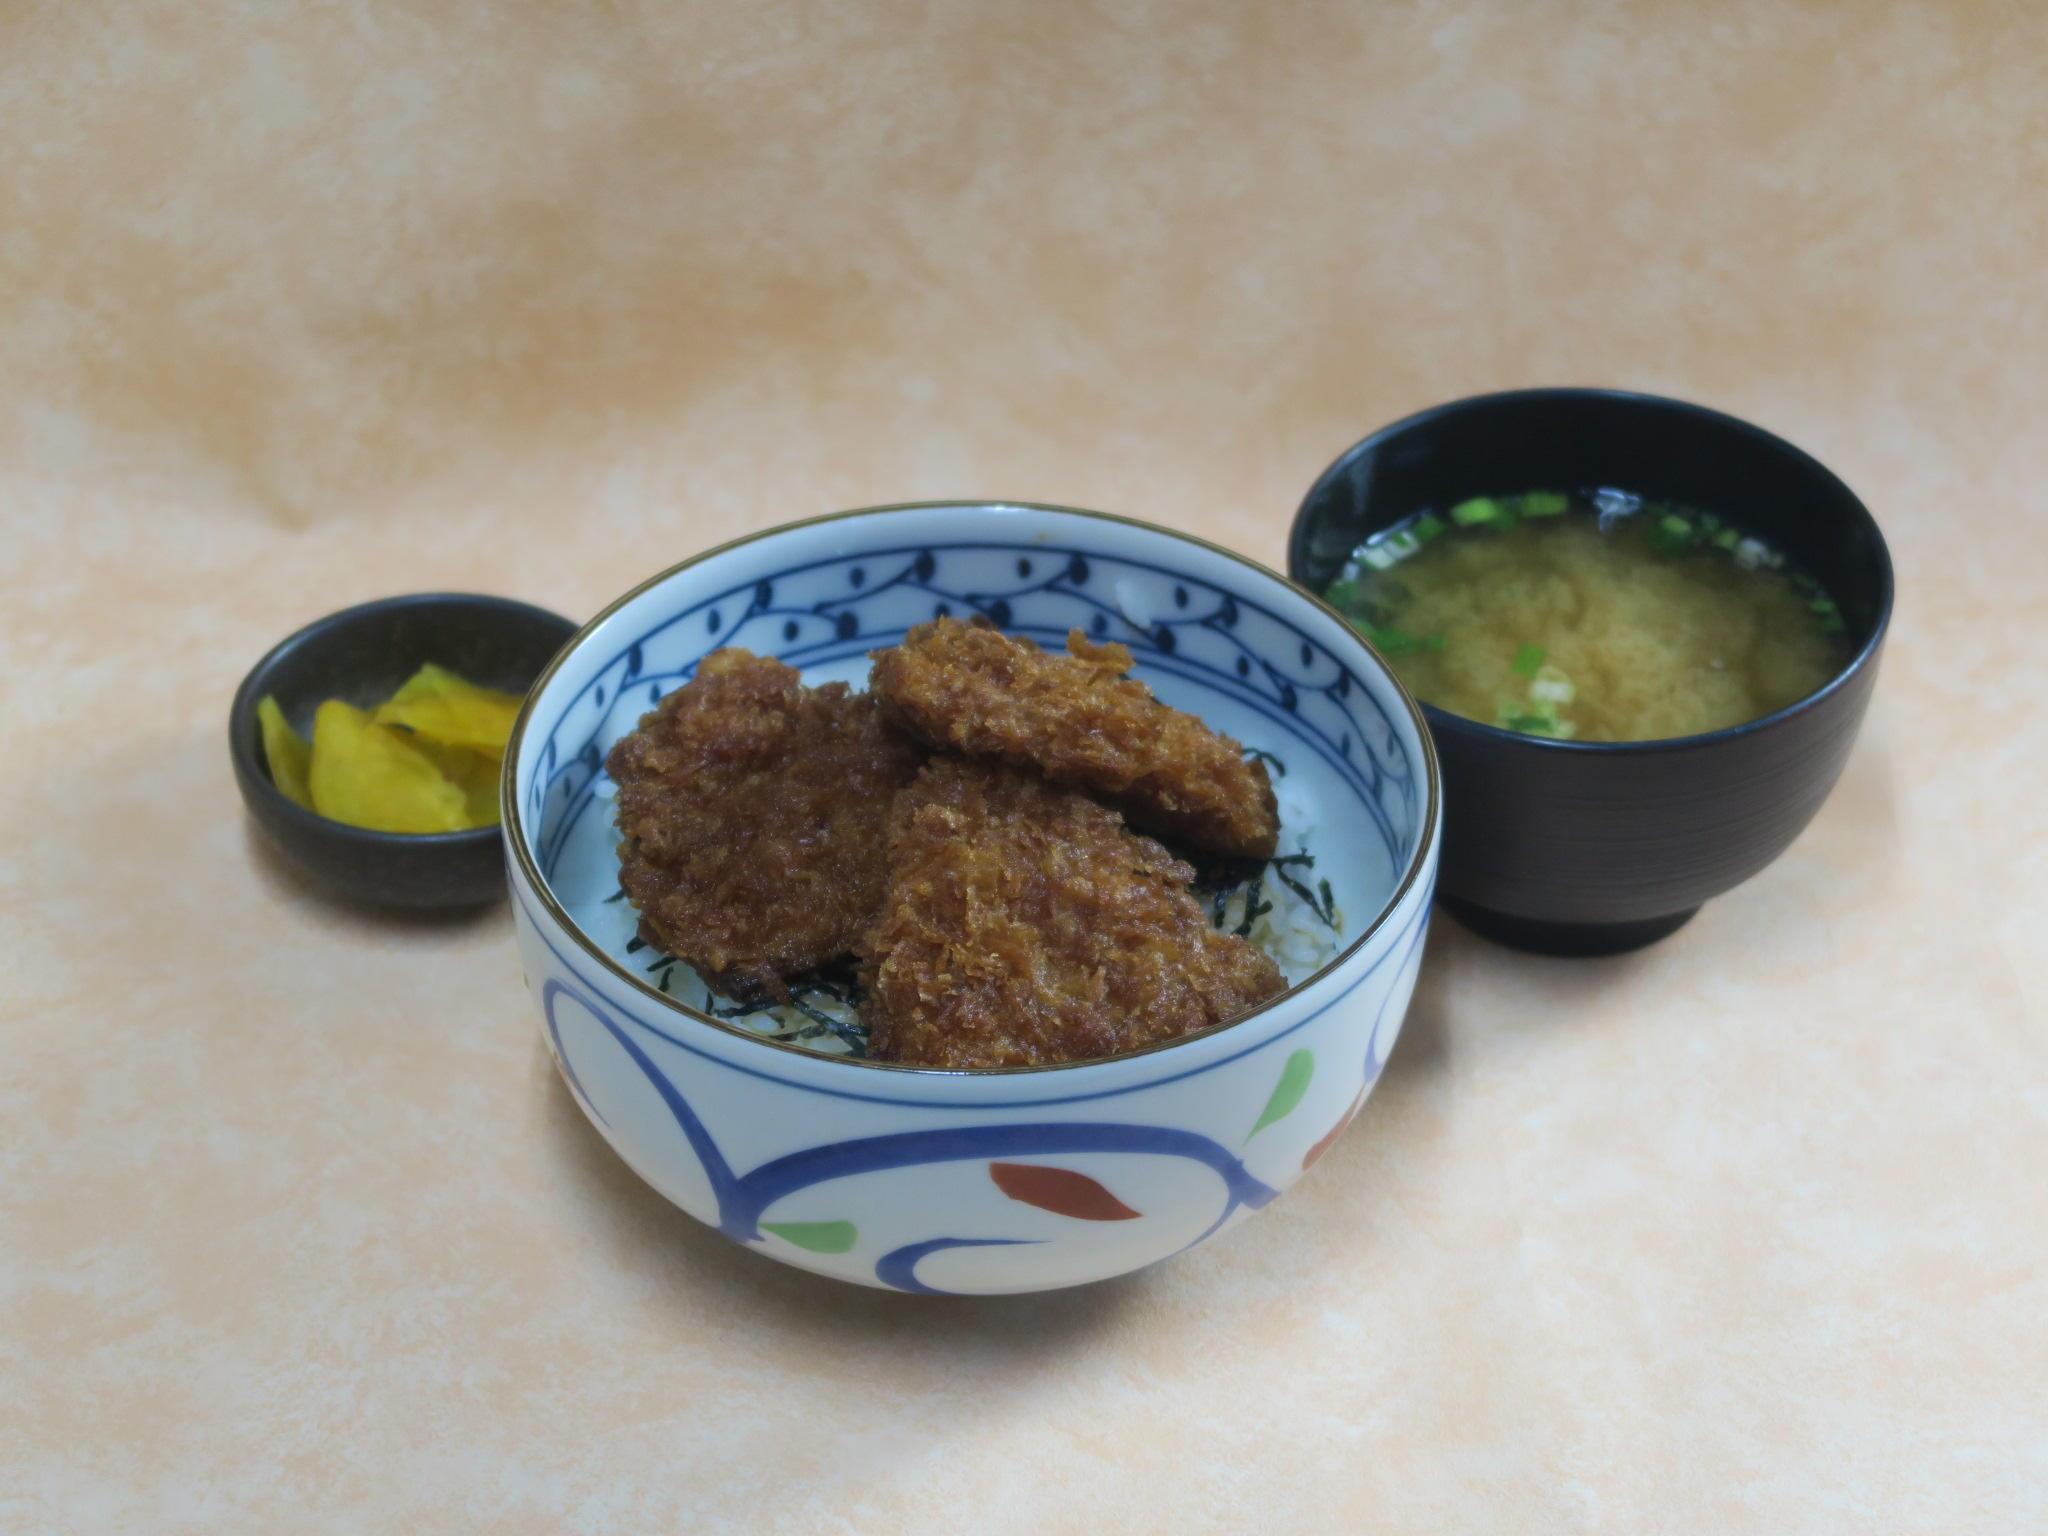 第3位「ソースカツ丼(3枚)」のイメージ画像